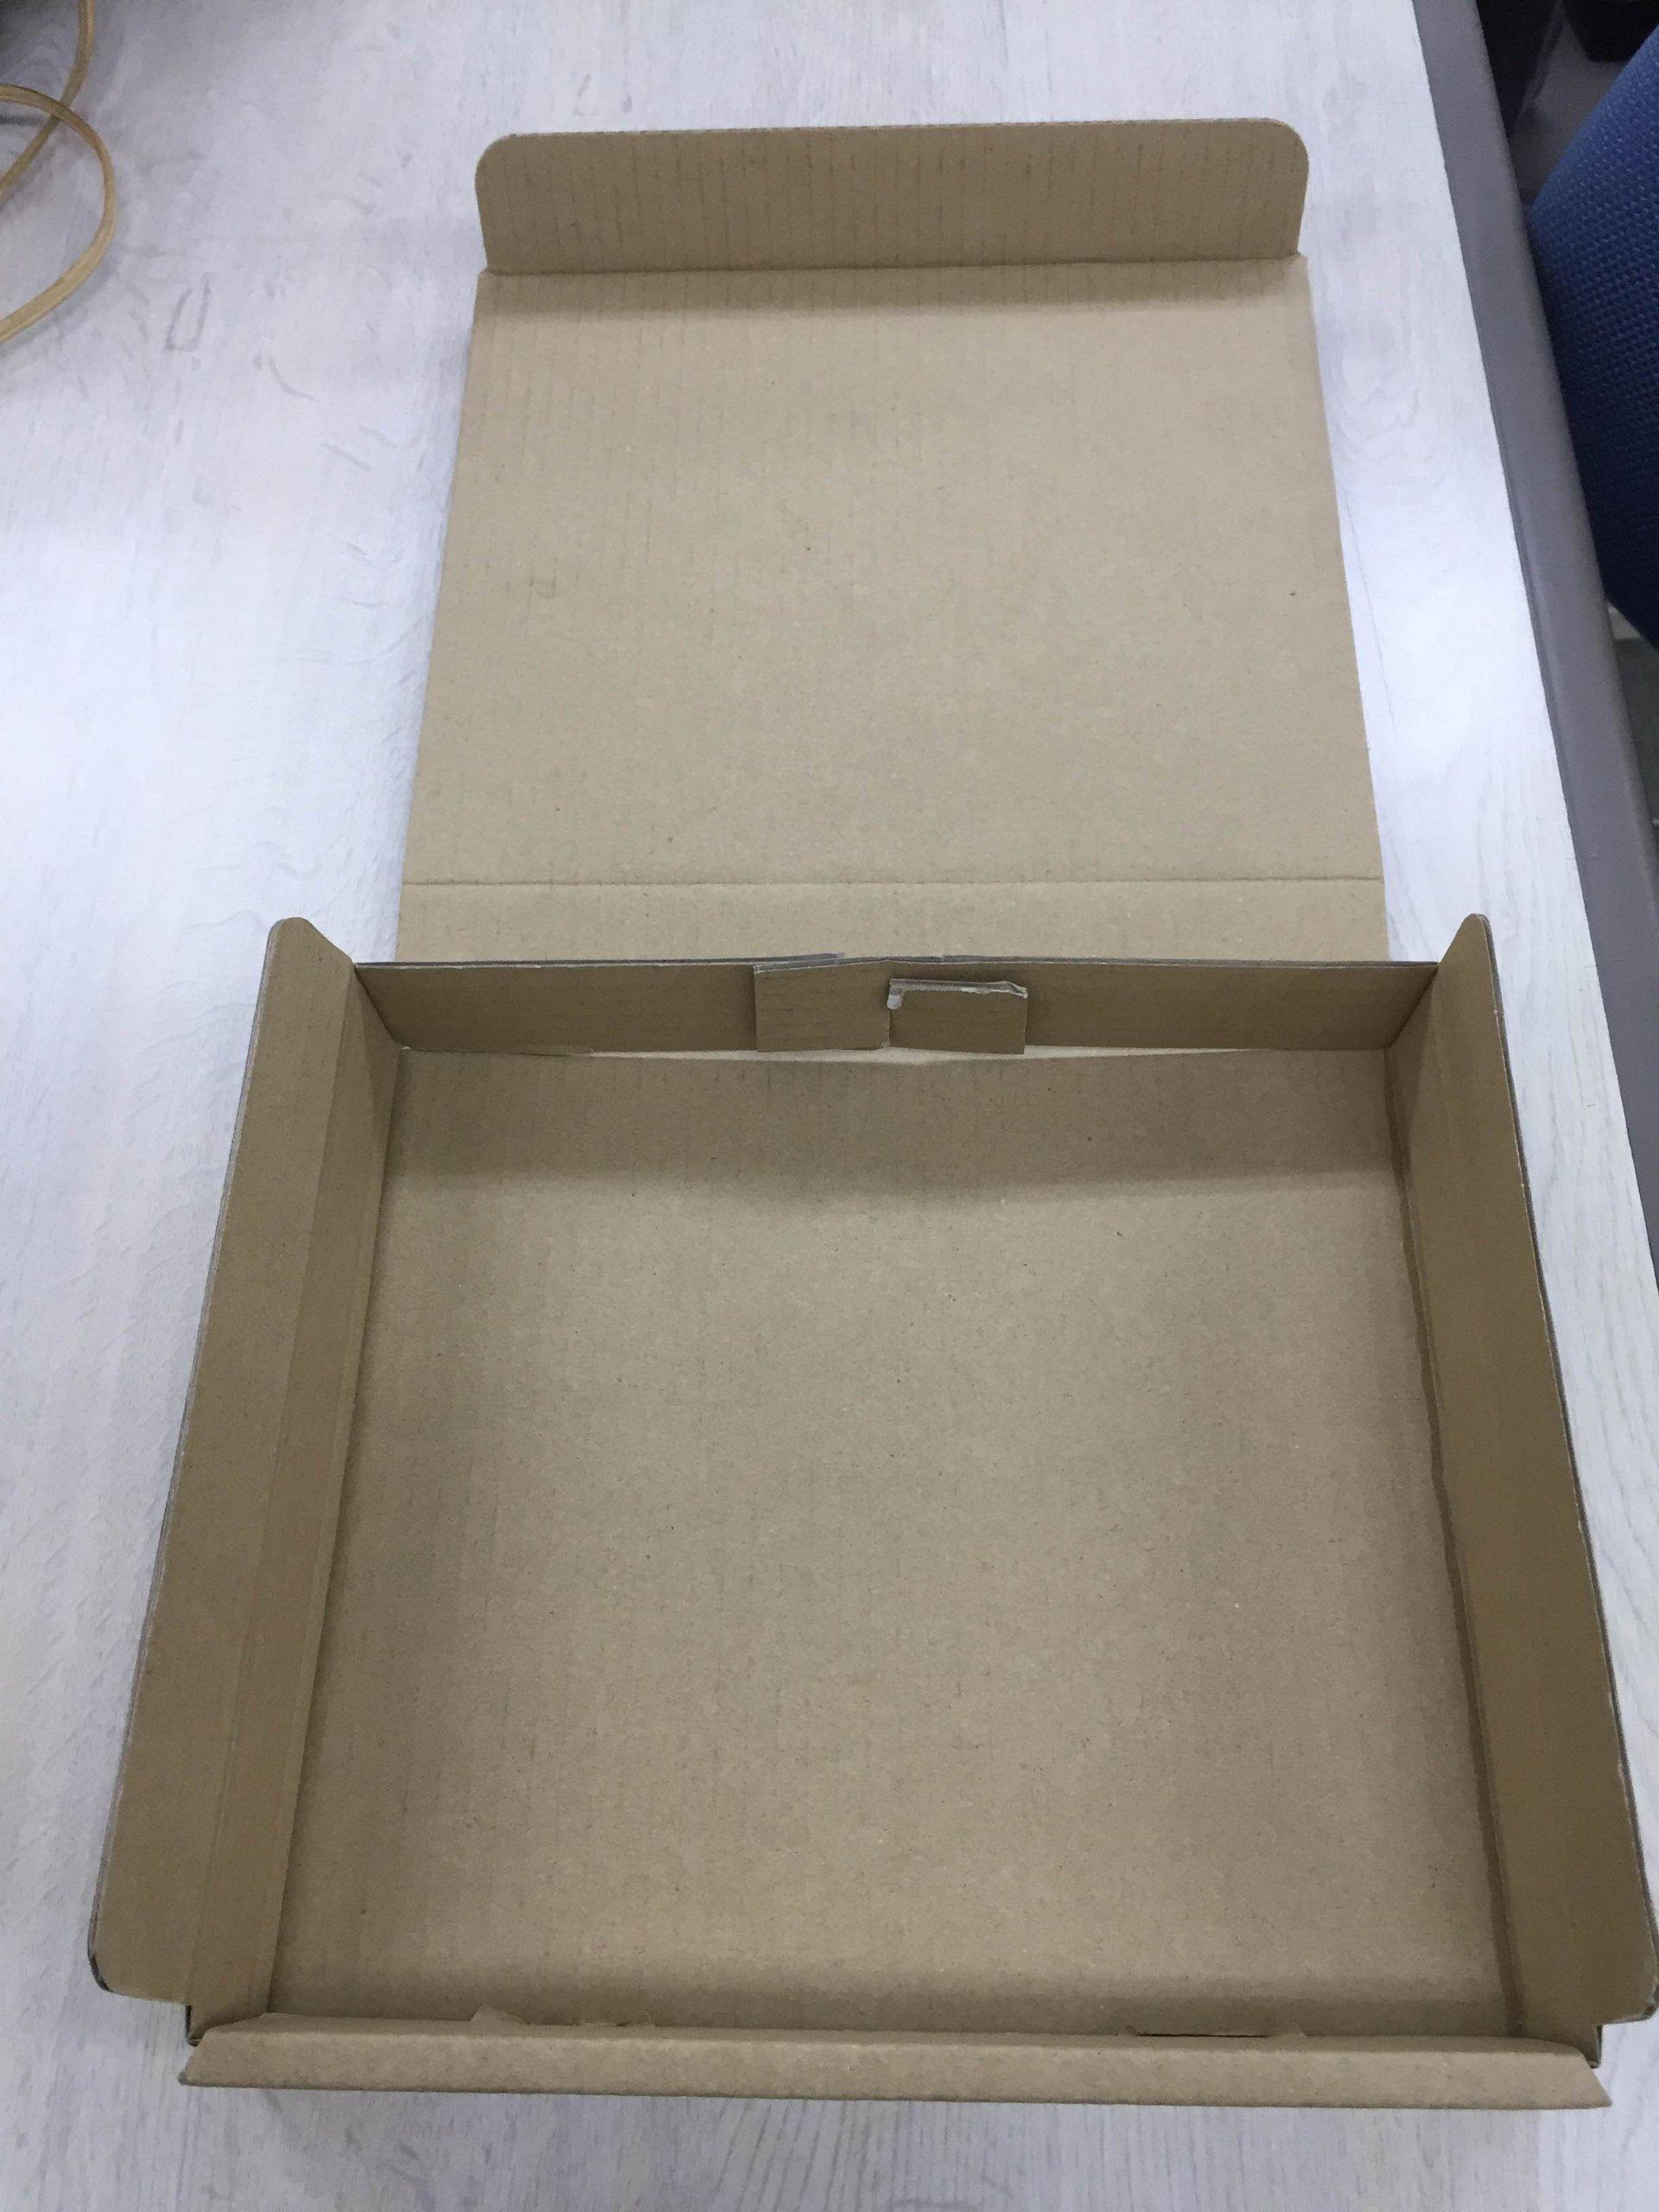 紙箱程ではありませんが、段ボール箱の形状も意外と色々あります